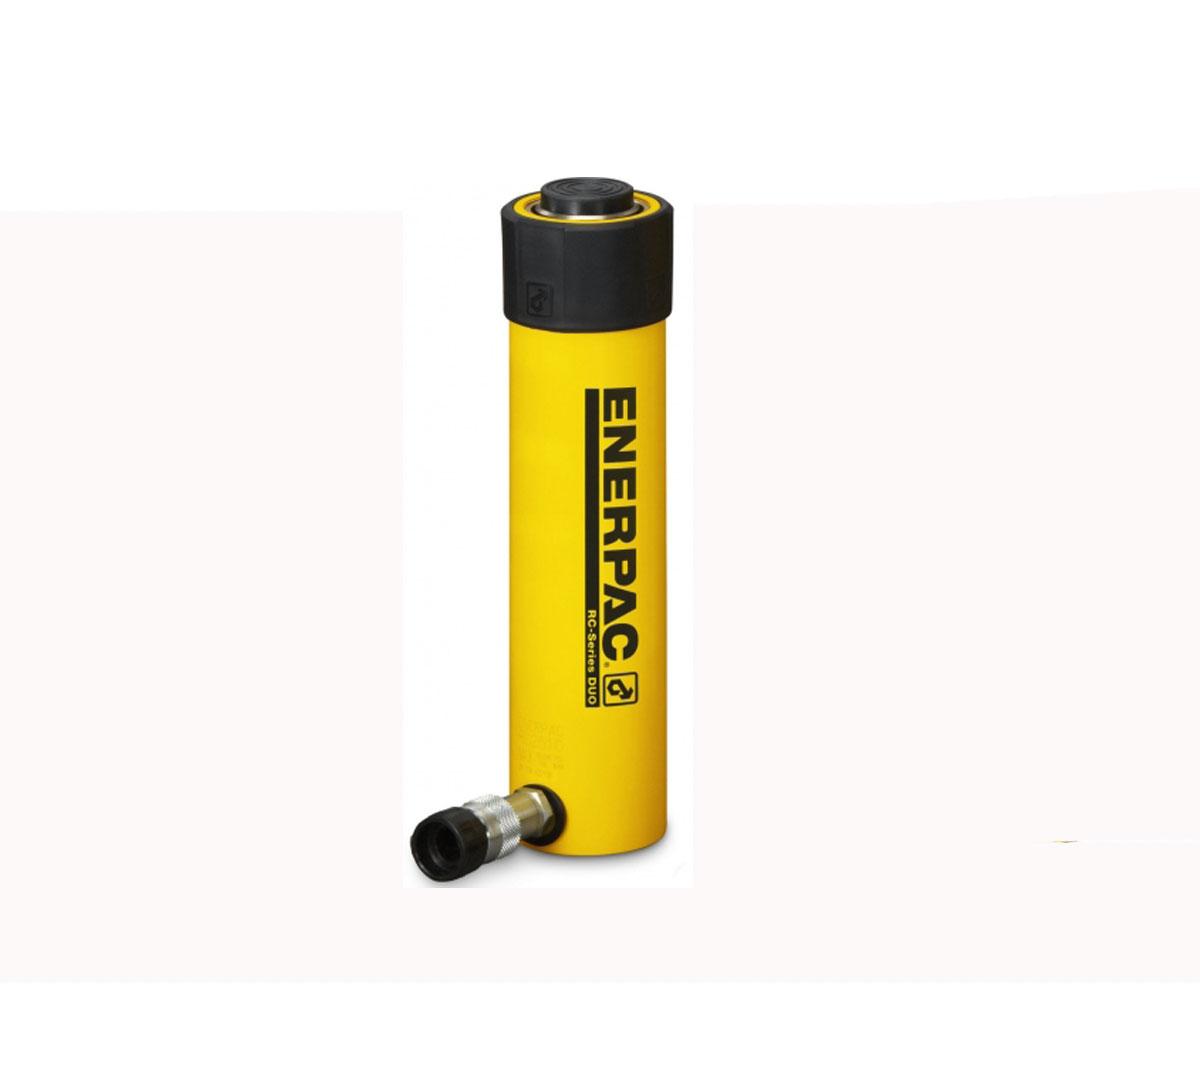 enerpac-rc251-hydraulic-cylinder-rental